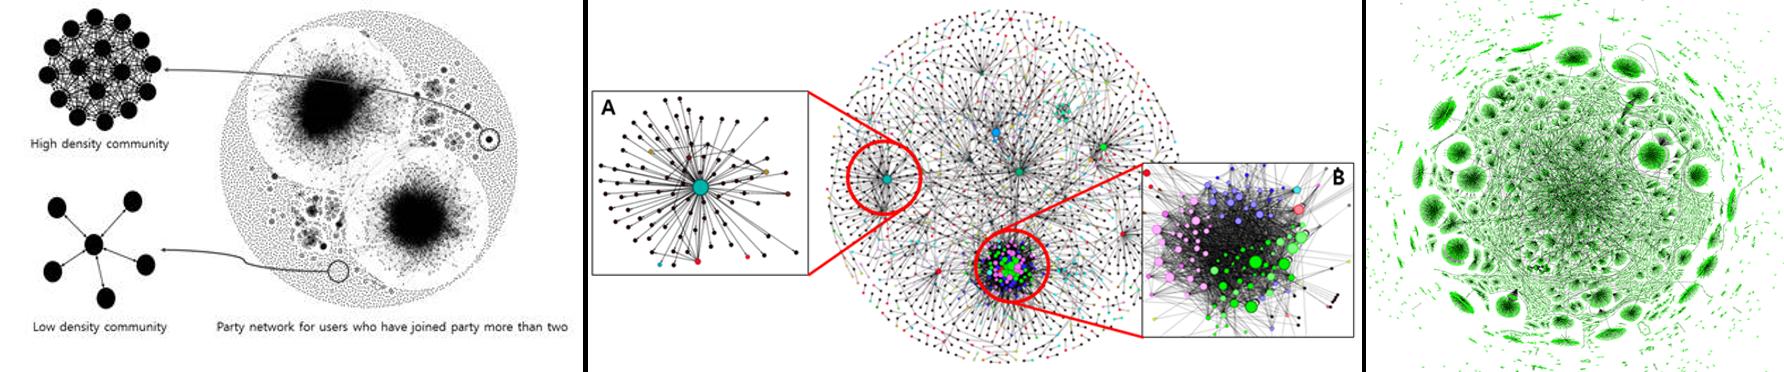 좌측부터 1)파티 / 2)전투 / 3)거래 네트워크 데이터